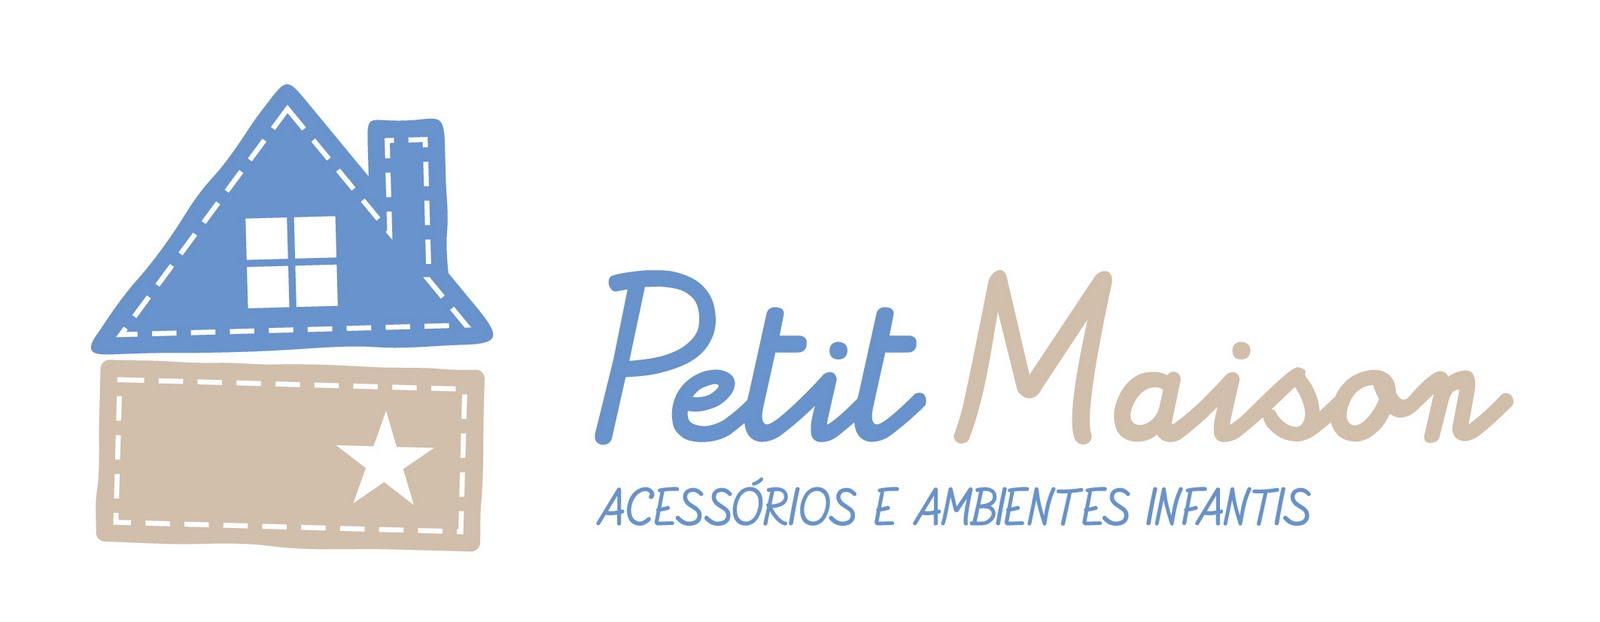 Petit Maison - Acessórios e Ambientes Infantis